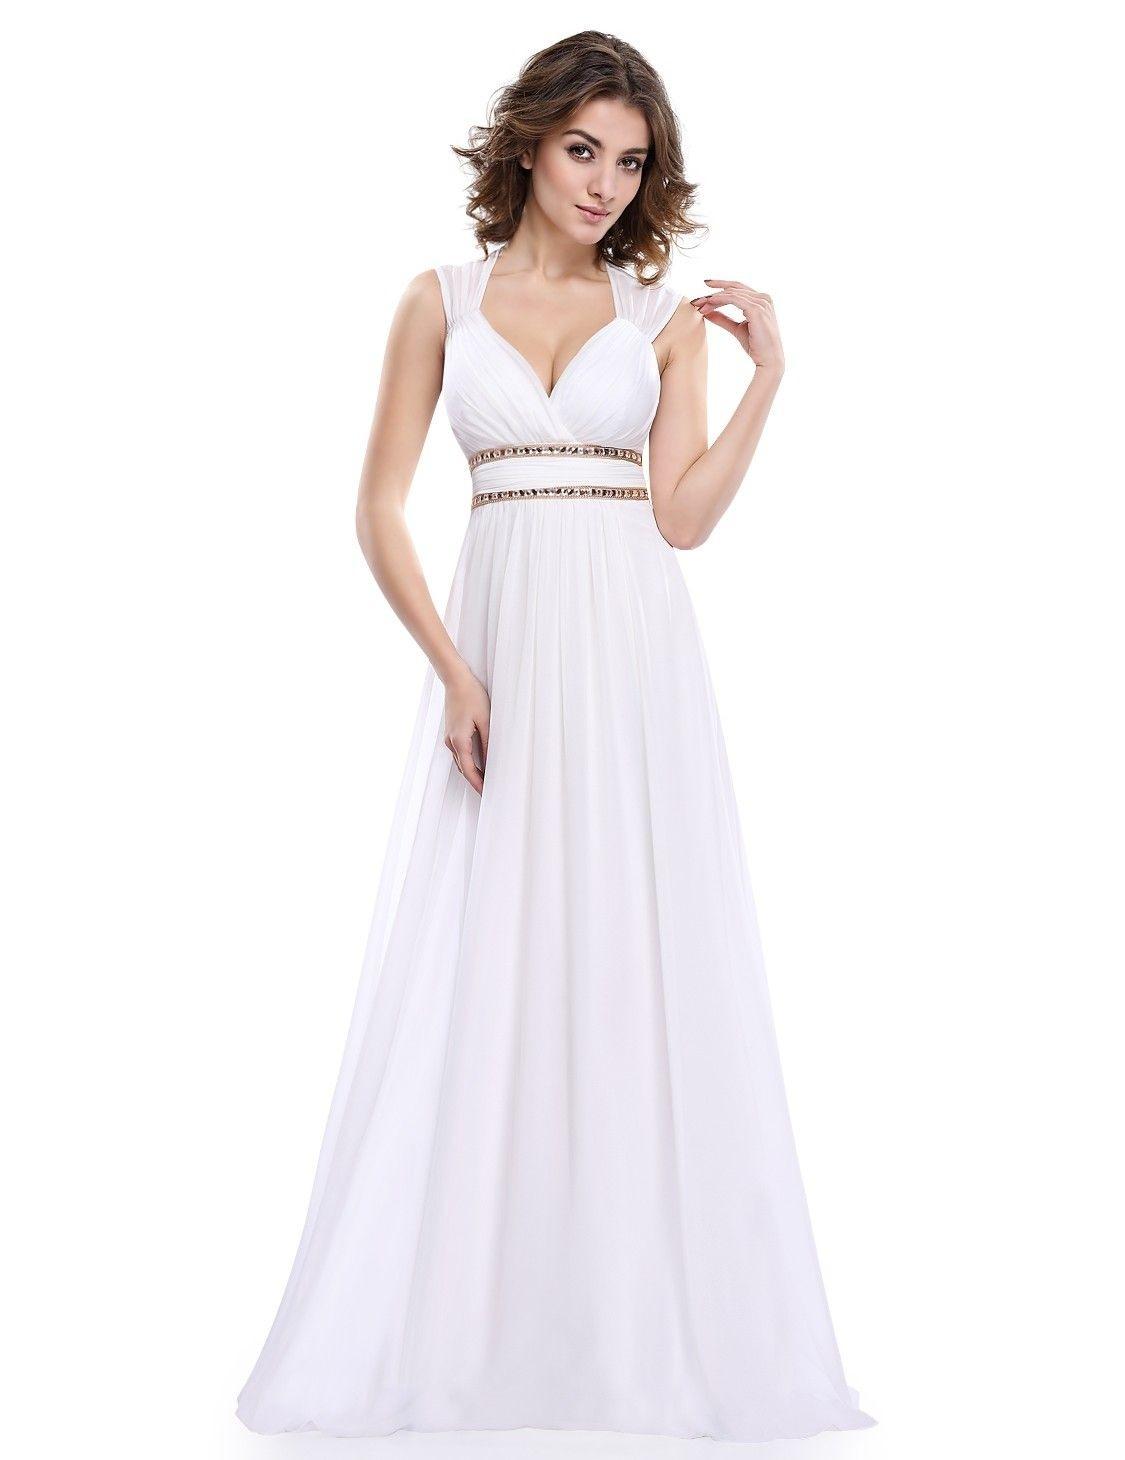 20 Schön Abendkleider Lang Weiß VertriebFormal Top Abendkleider Lang Weiß Stylish